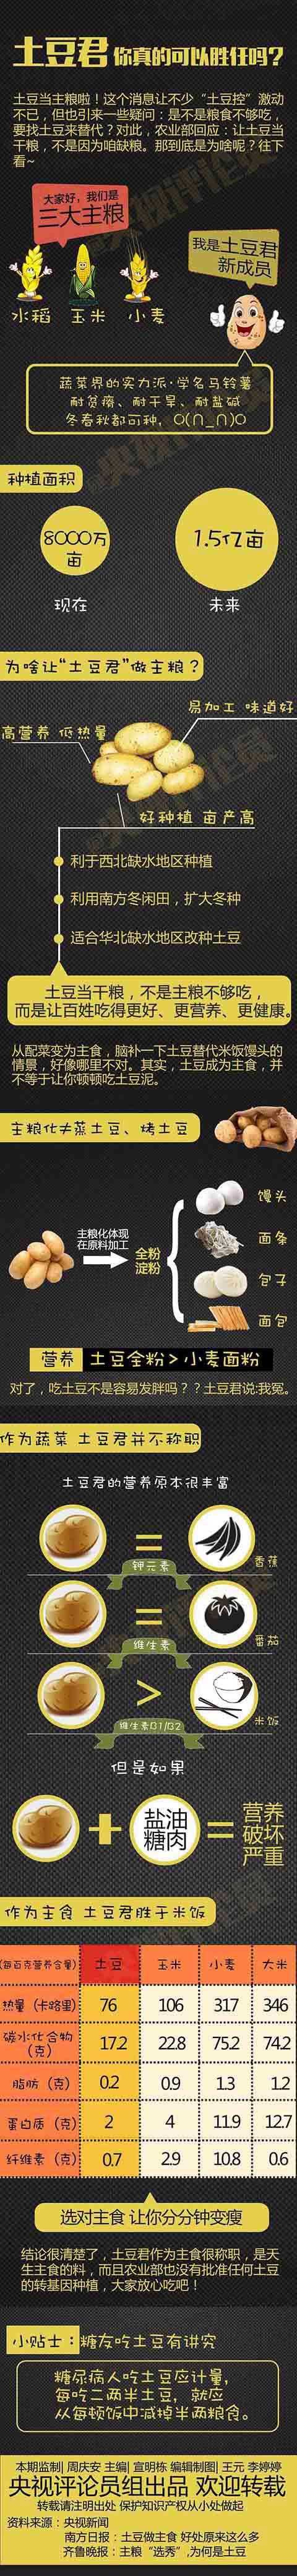 (2015.1.31转帖)  土豆做主食好处多 - 老倪 - 老倪 的博客